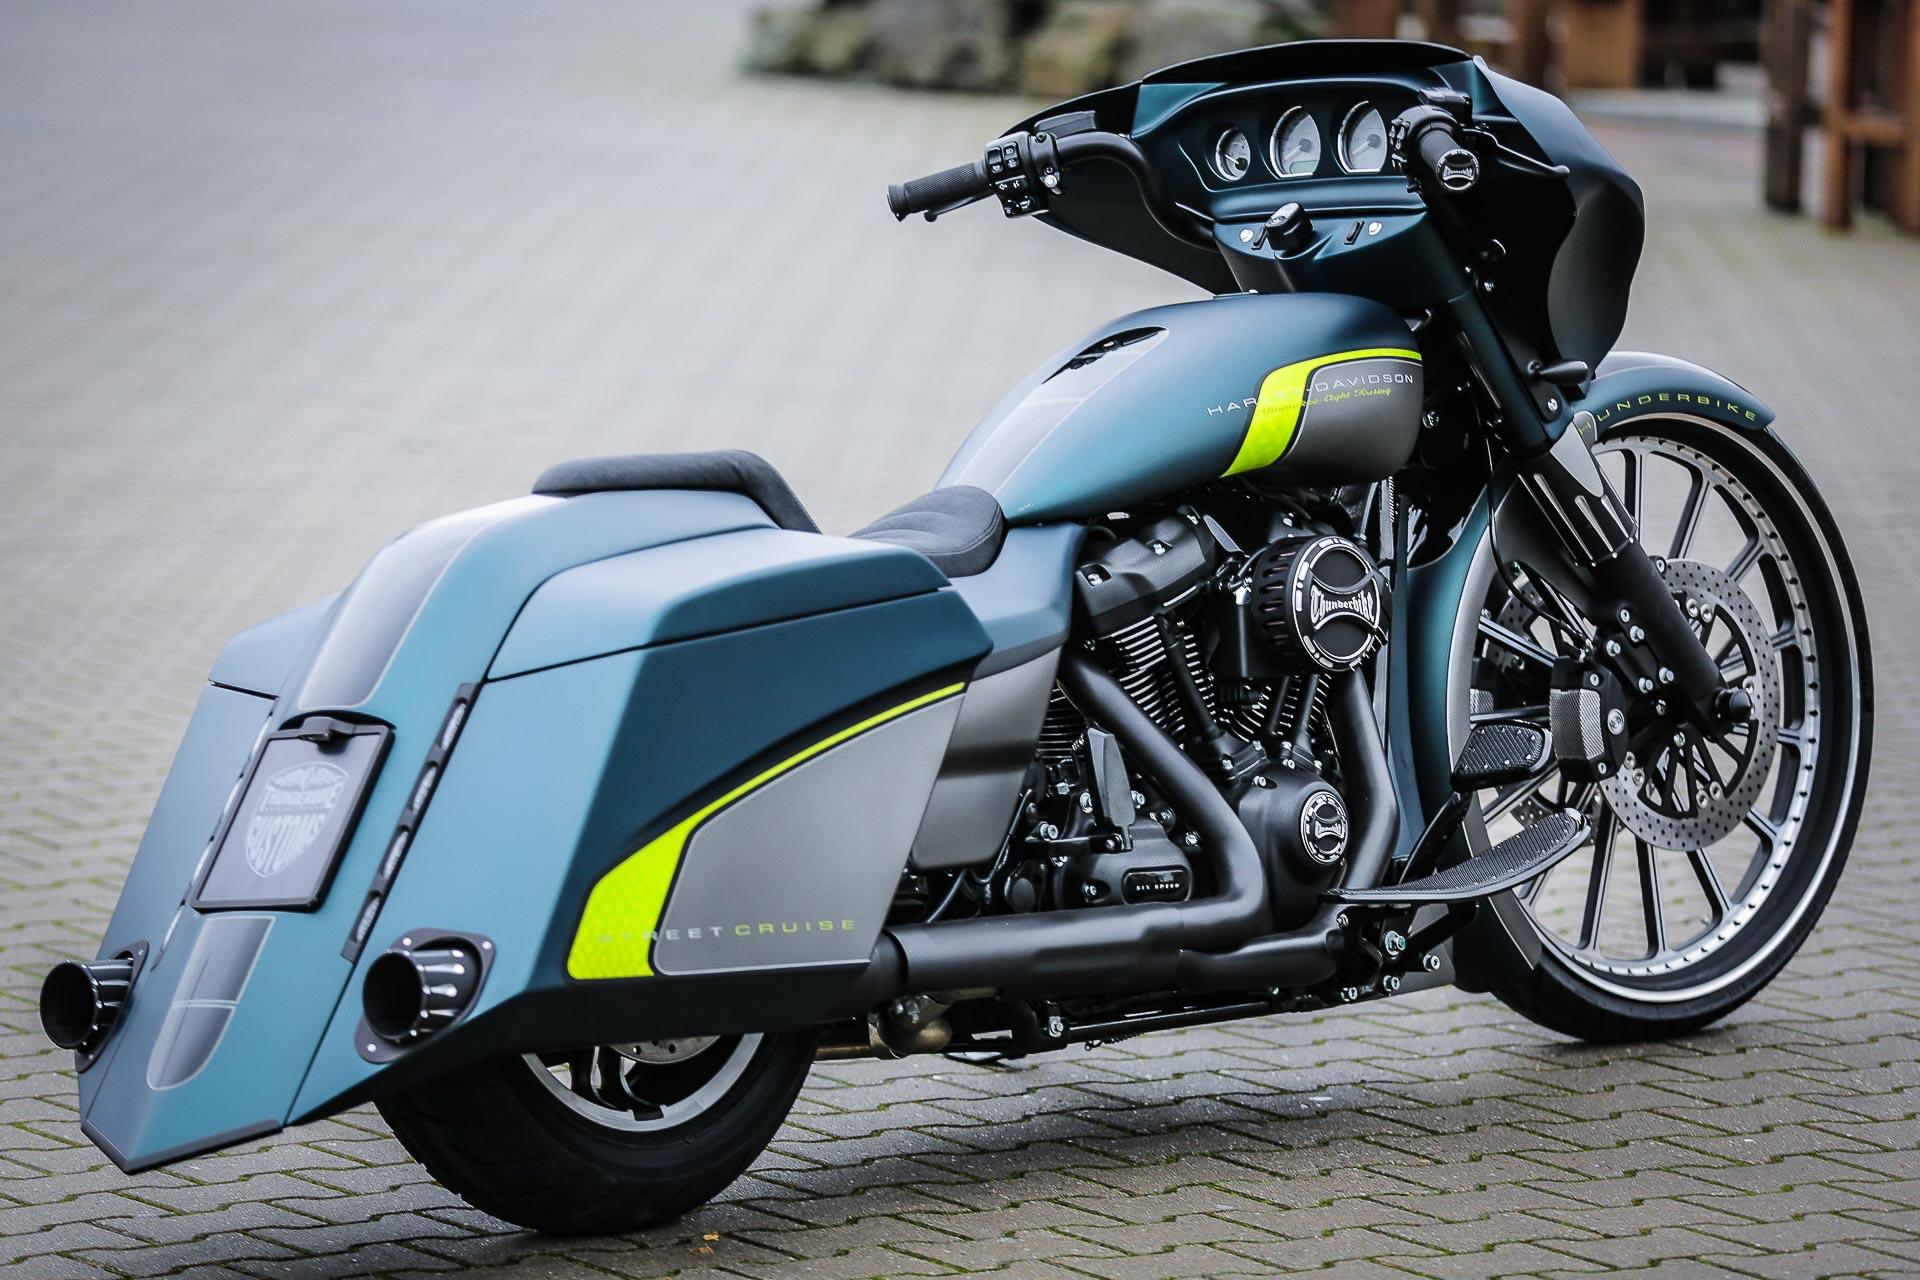 Thunderbike Milwaukee 8 • Custombike & Harley-Davidson Gallery